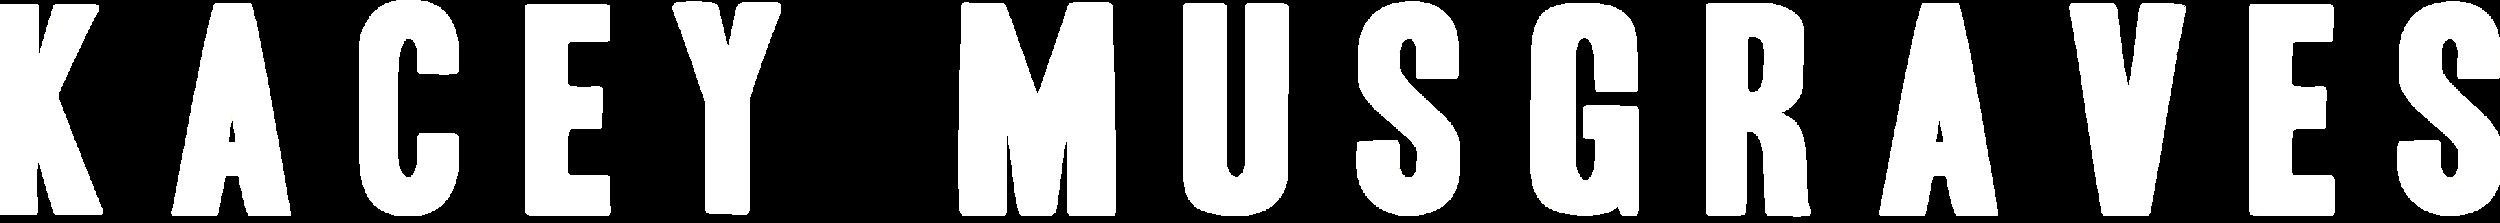 kM_logo_01.png